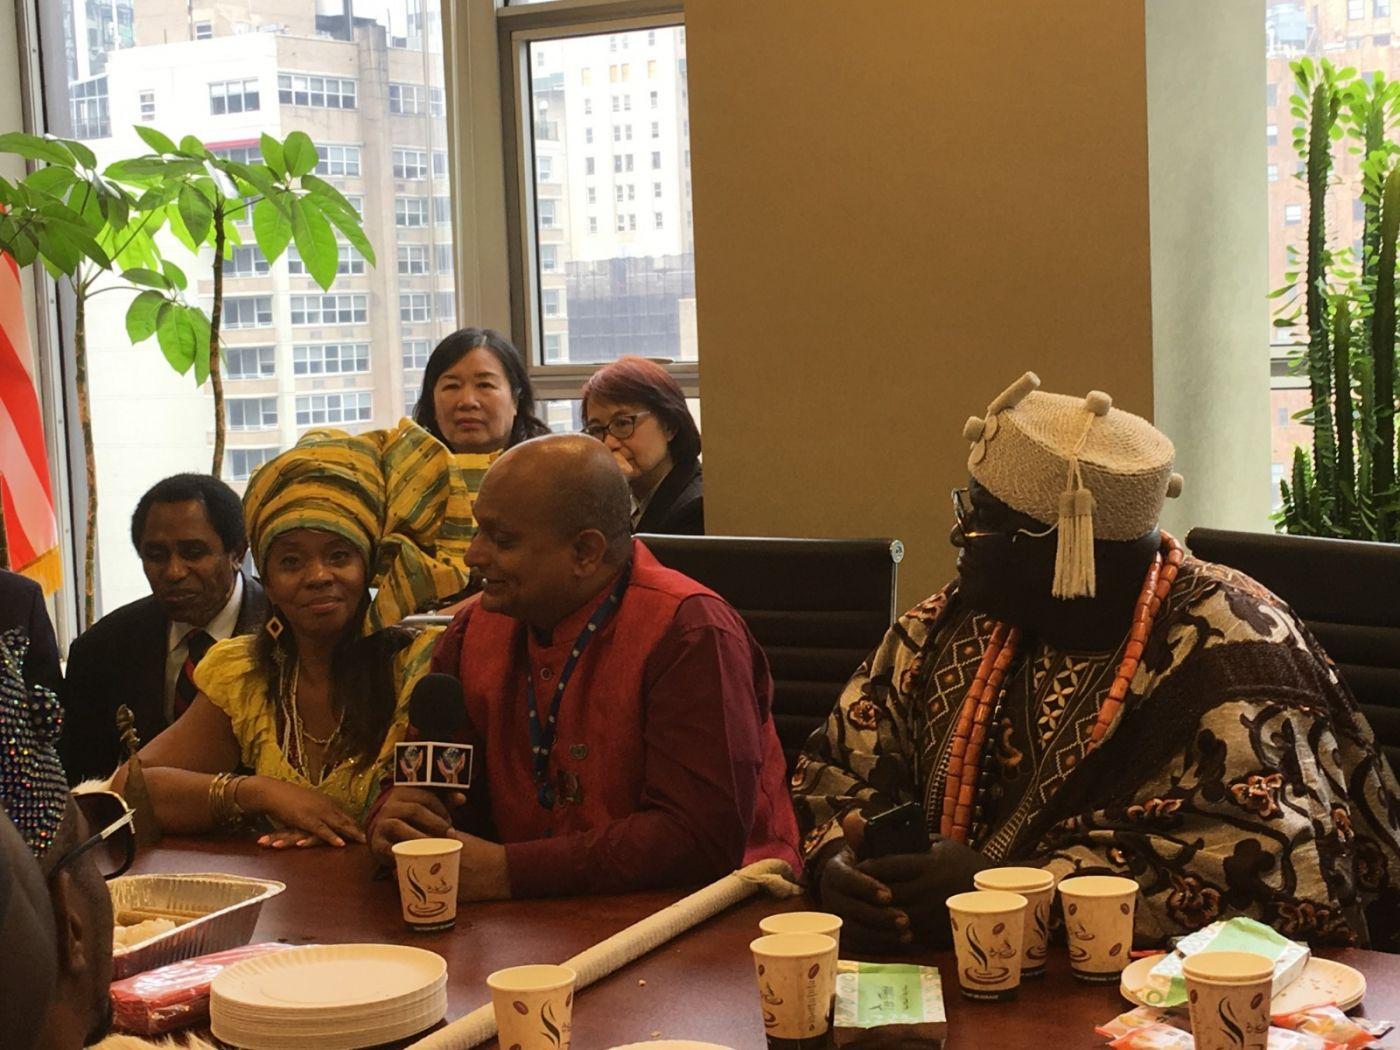 聯合國中華媽祖文化發展基金會受邀参加聯合國納尔遜.曼德拉国际日的一系列活动 ..._图1-19